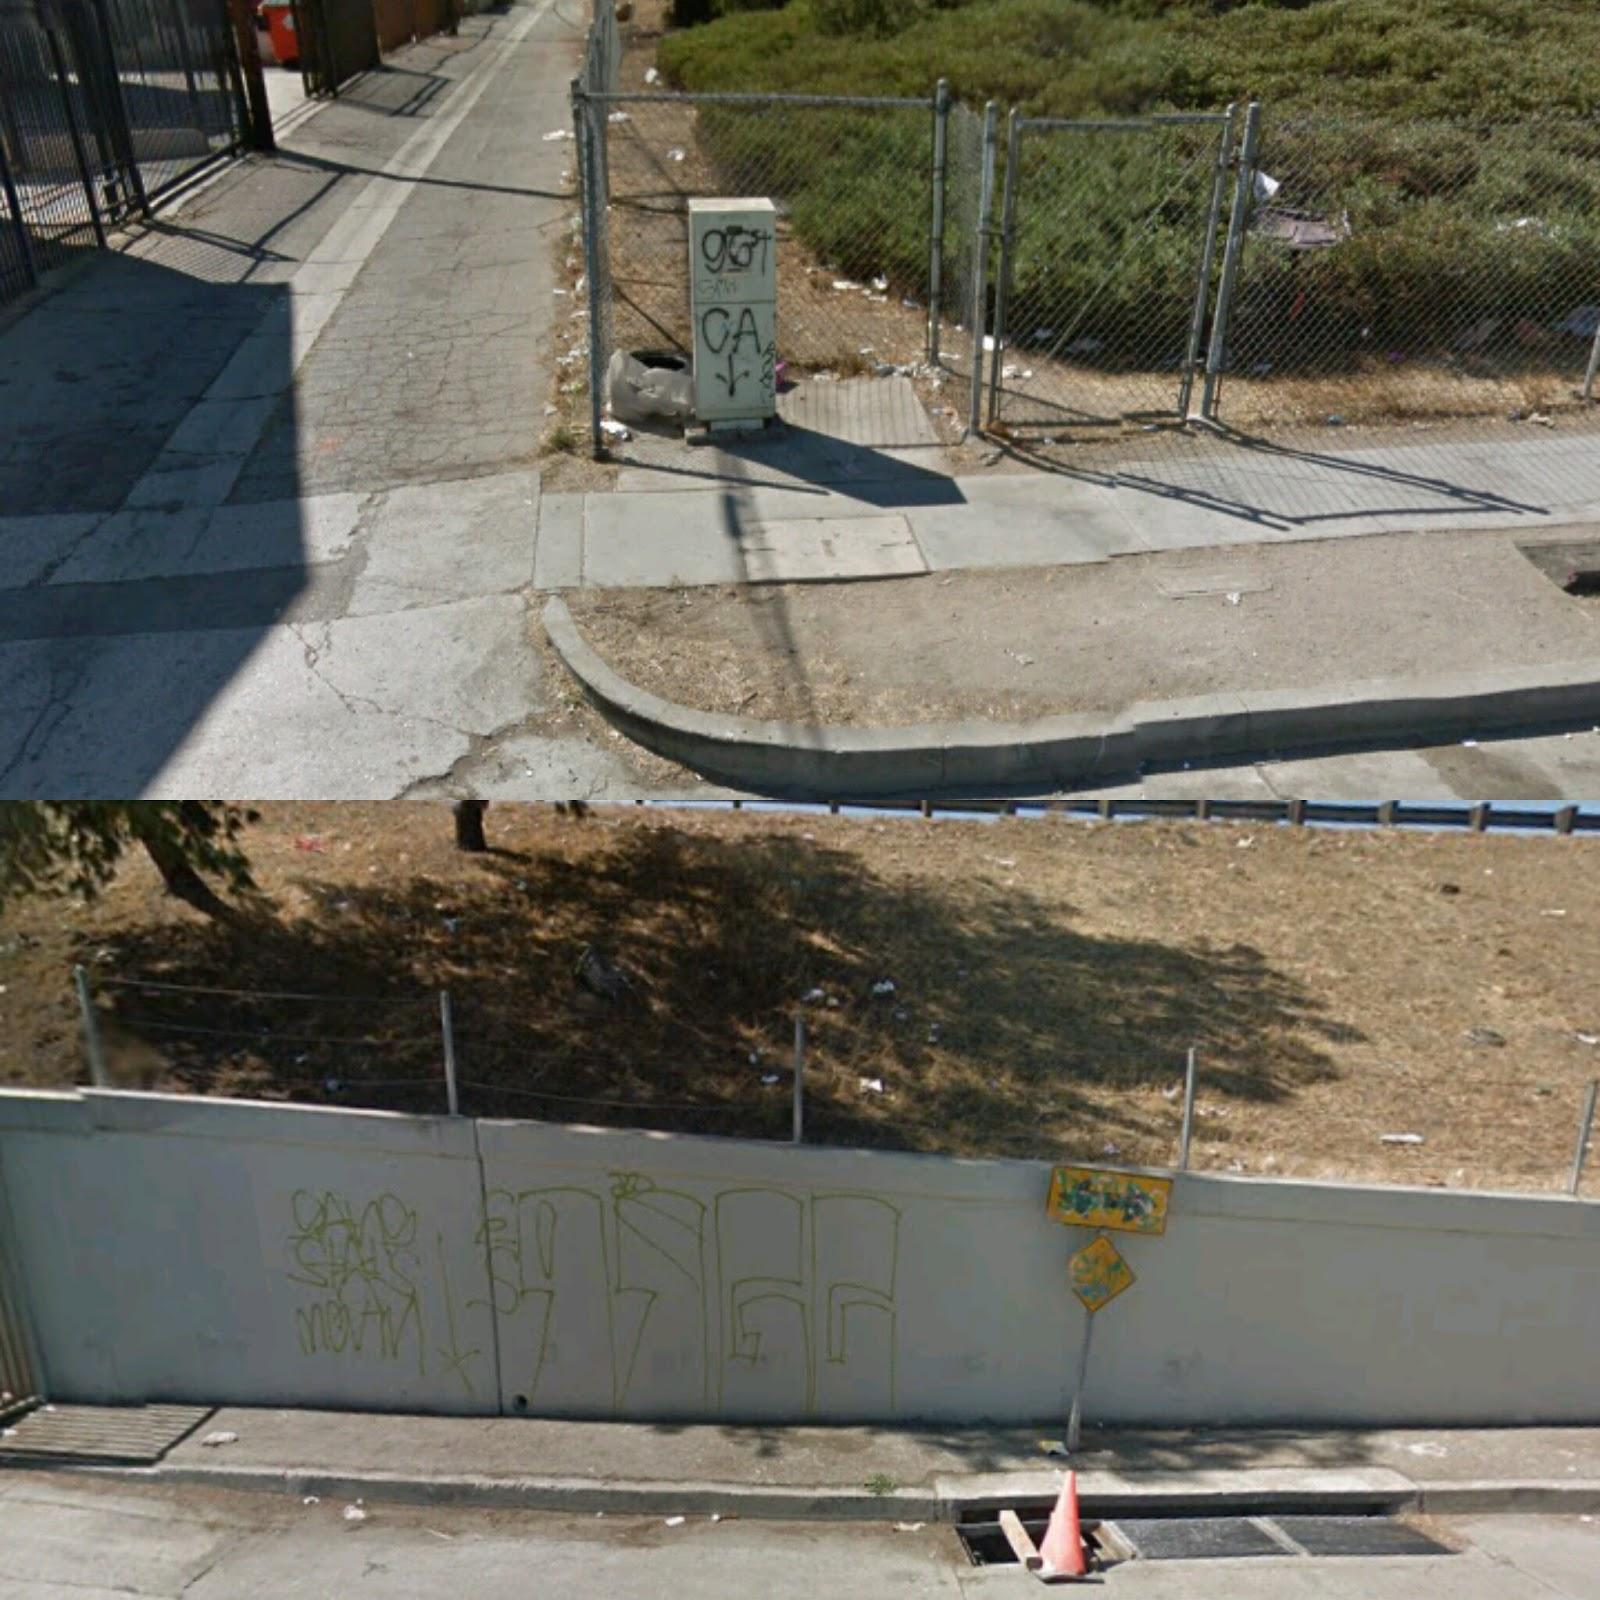 Crip Gangs Graffiti: 97 Gangster Crip